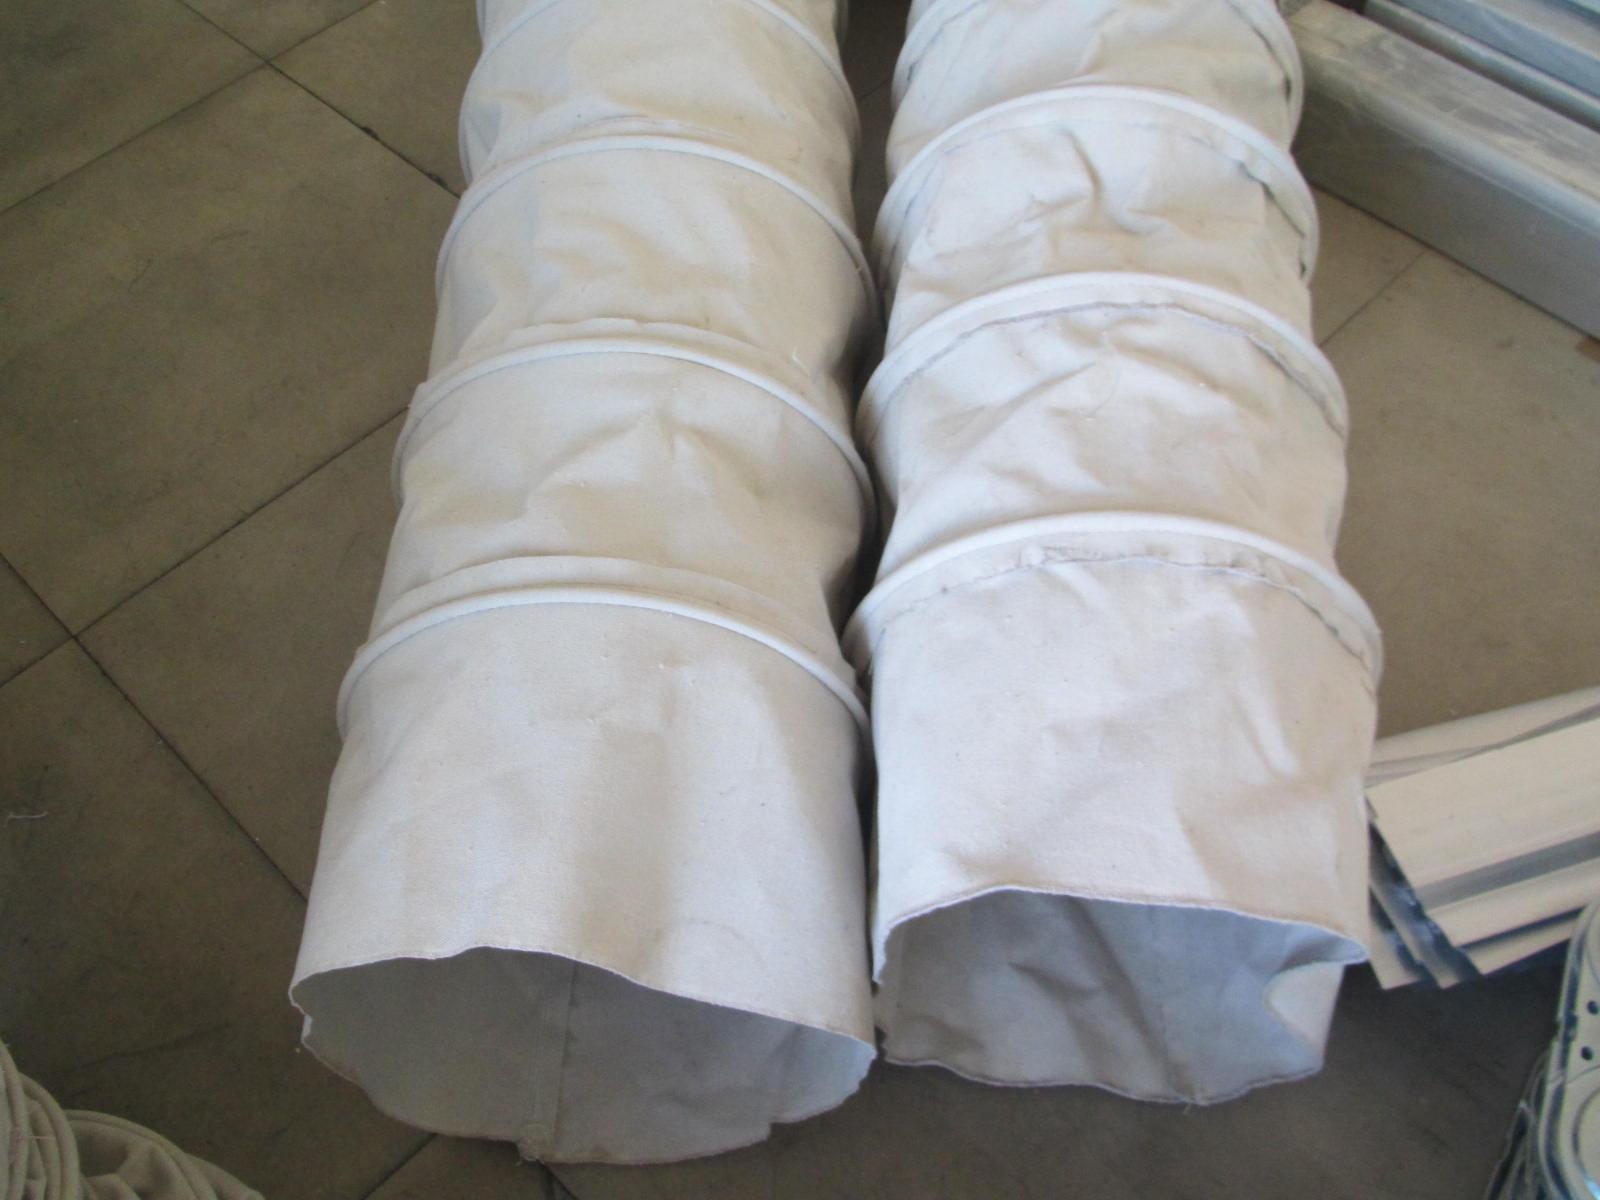 泊头水泥伸缩散装布袋产品图